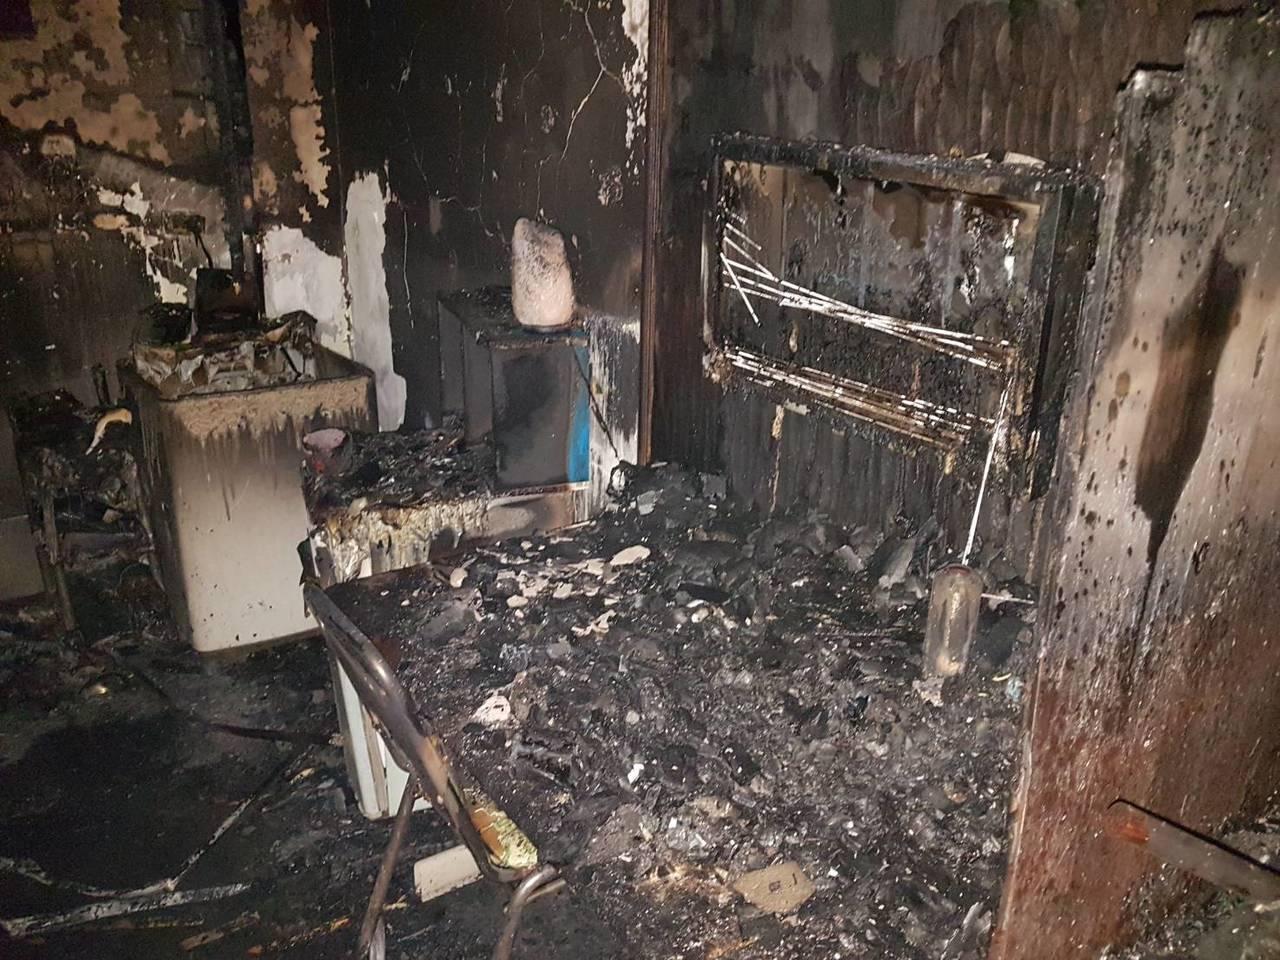 三重區三張街舊公寓出租套房今天清晨發生火警,起火點是2樓。 記者林昭彰/翻攝